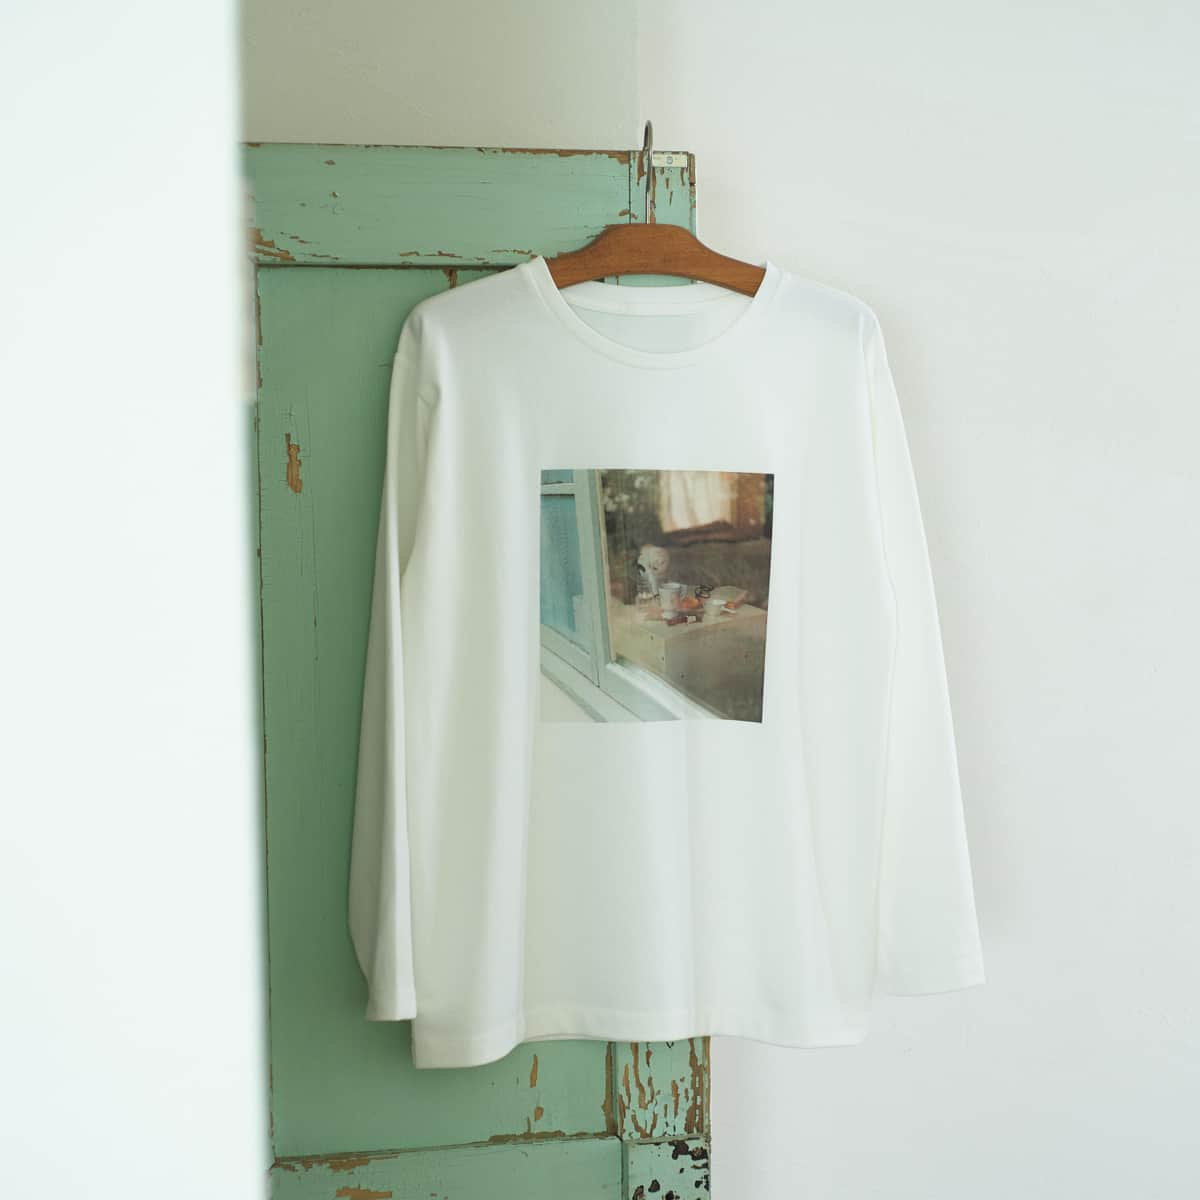 Tシャツは2種類。写真のものは、過去のフリーペーパーからプリント